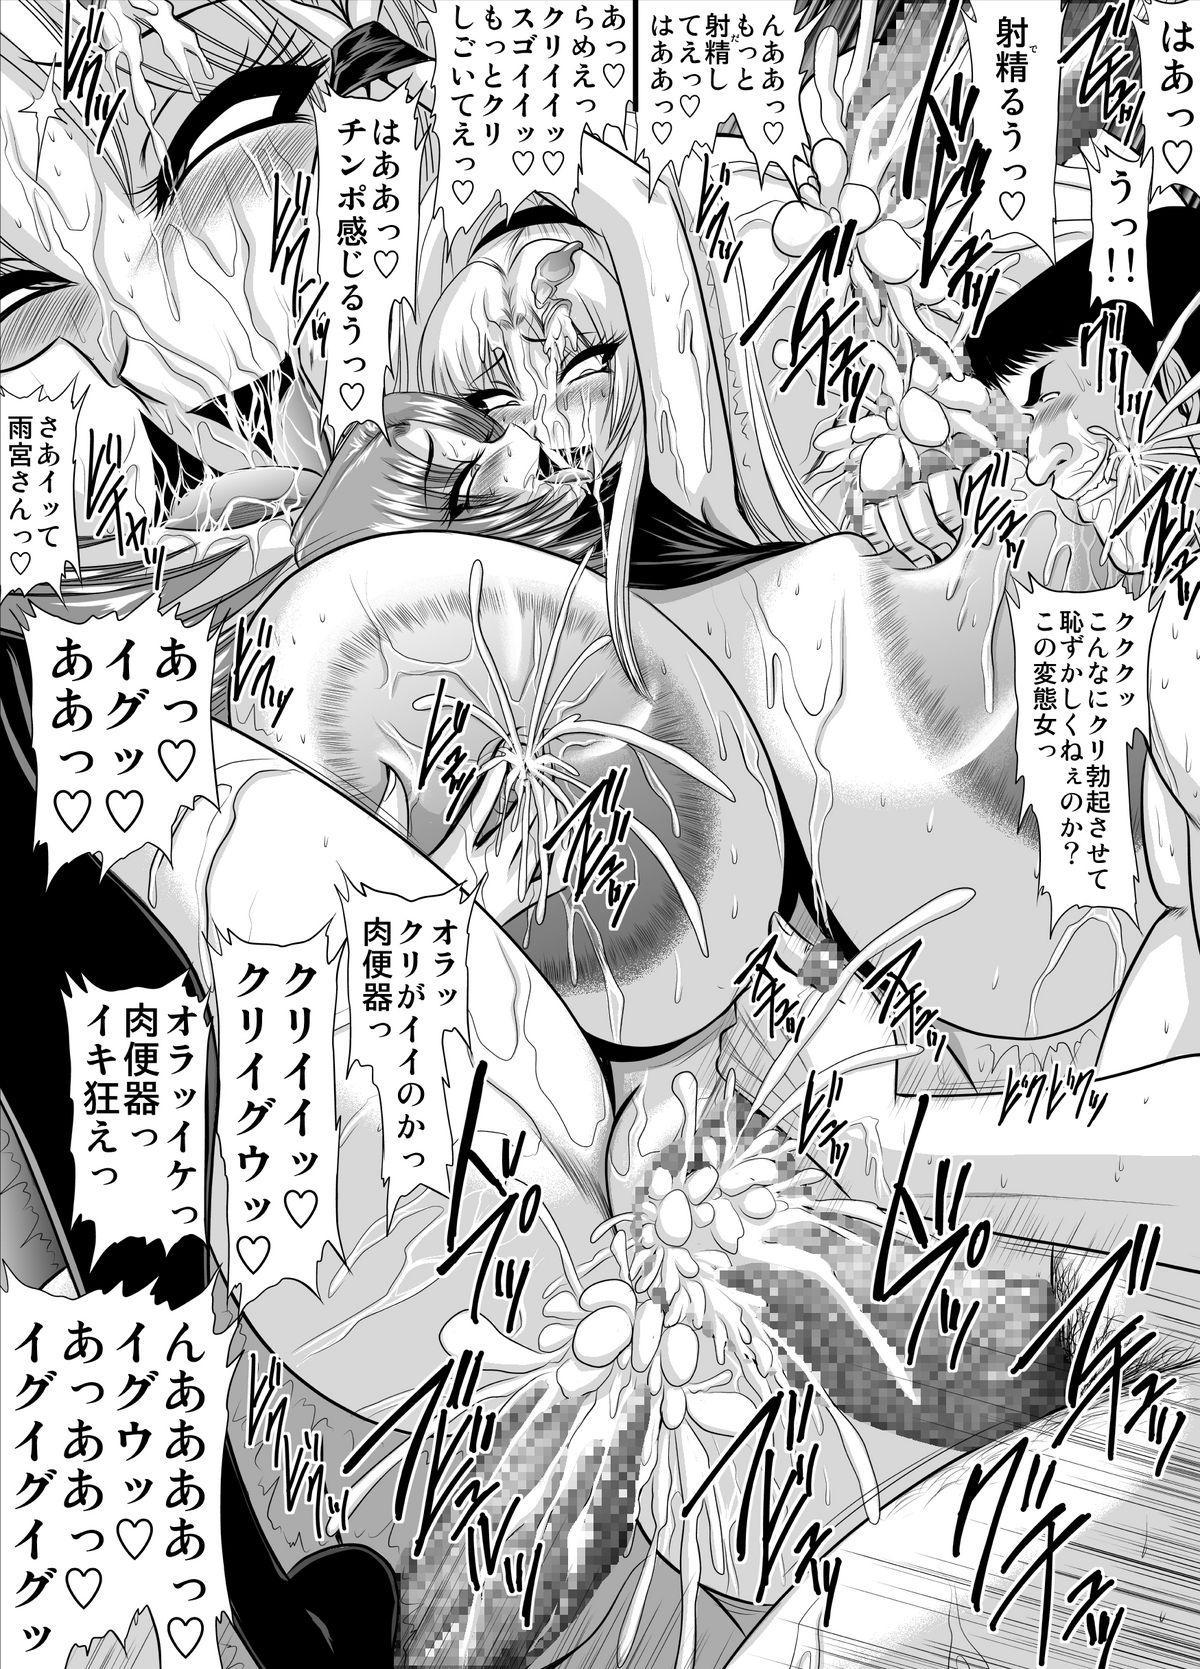 Keiyaku Sei Dorei Bakunyuu Kyoushi Sayaka 12 10